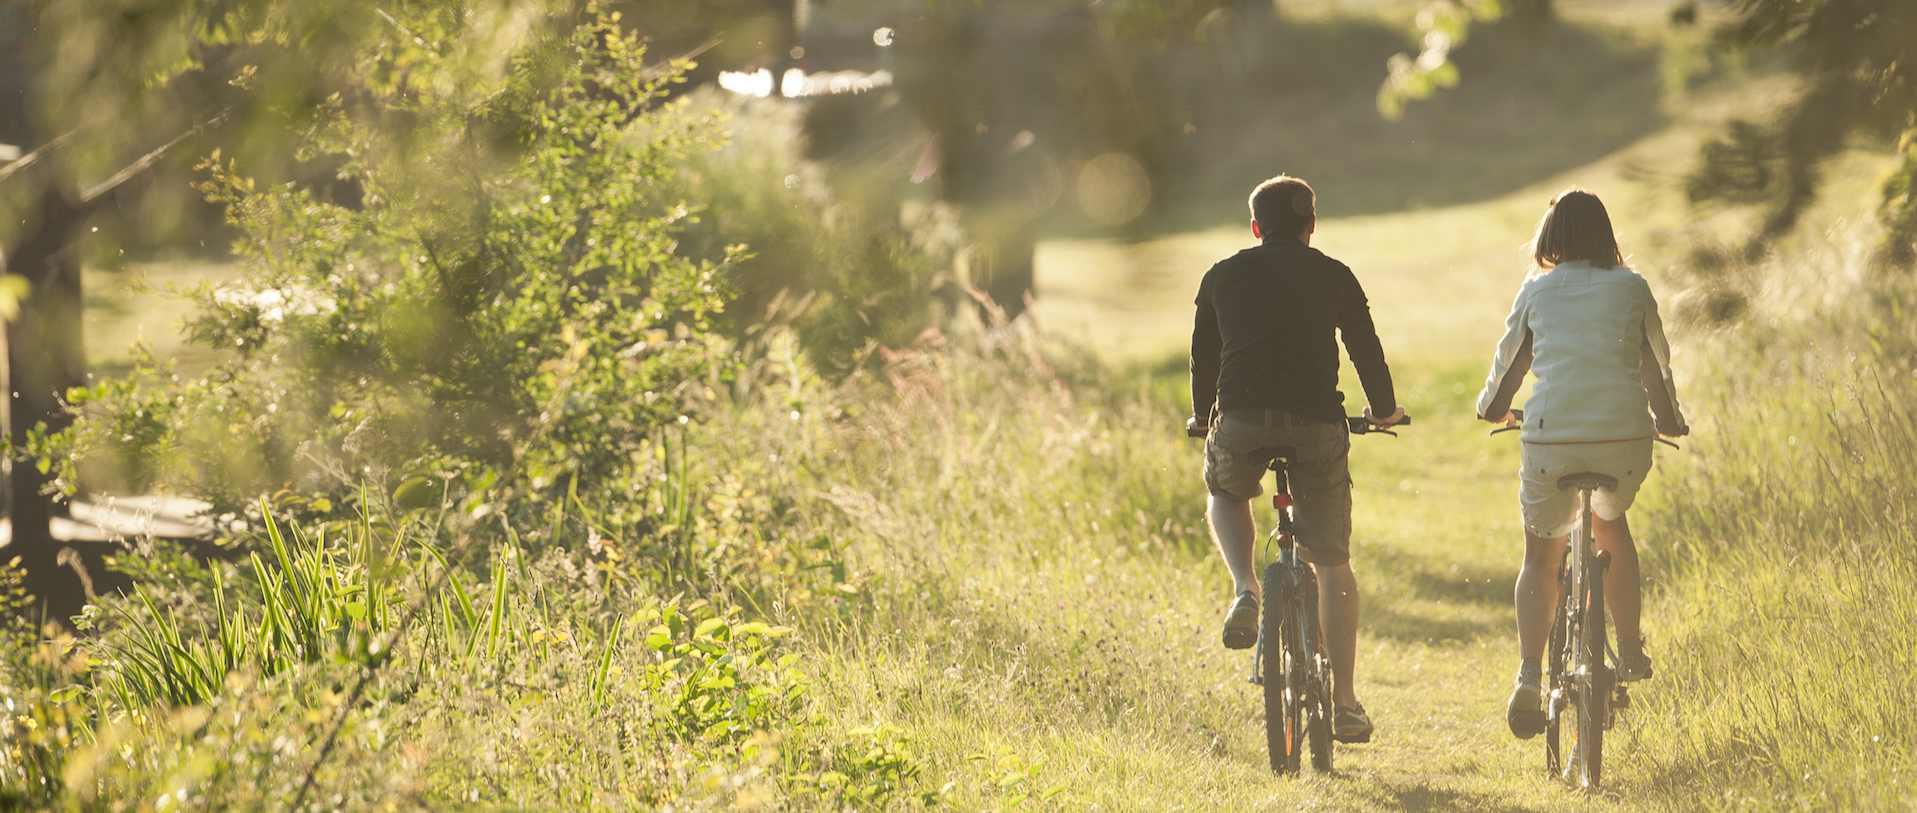 La véloroute voie verte n°7 - itinéraire Carhaix-Concarneau